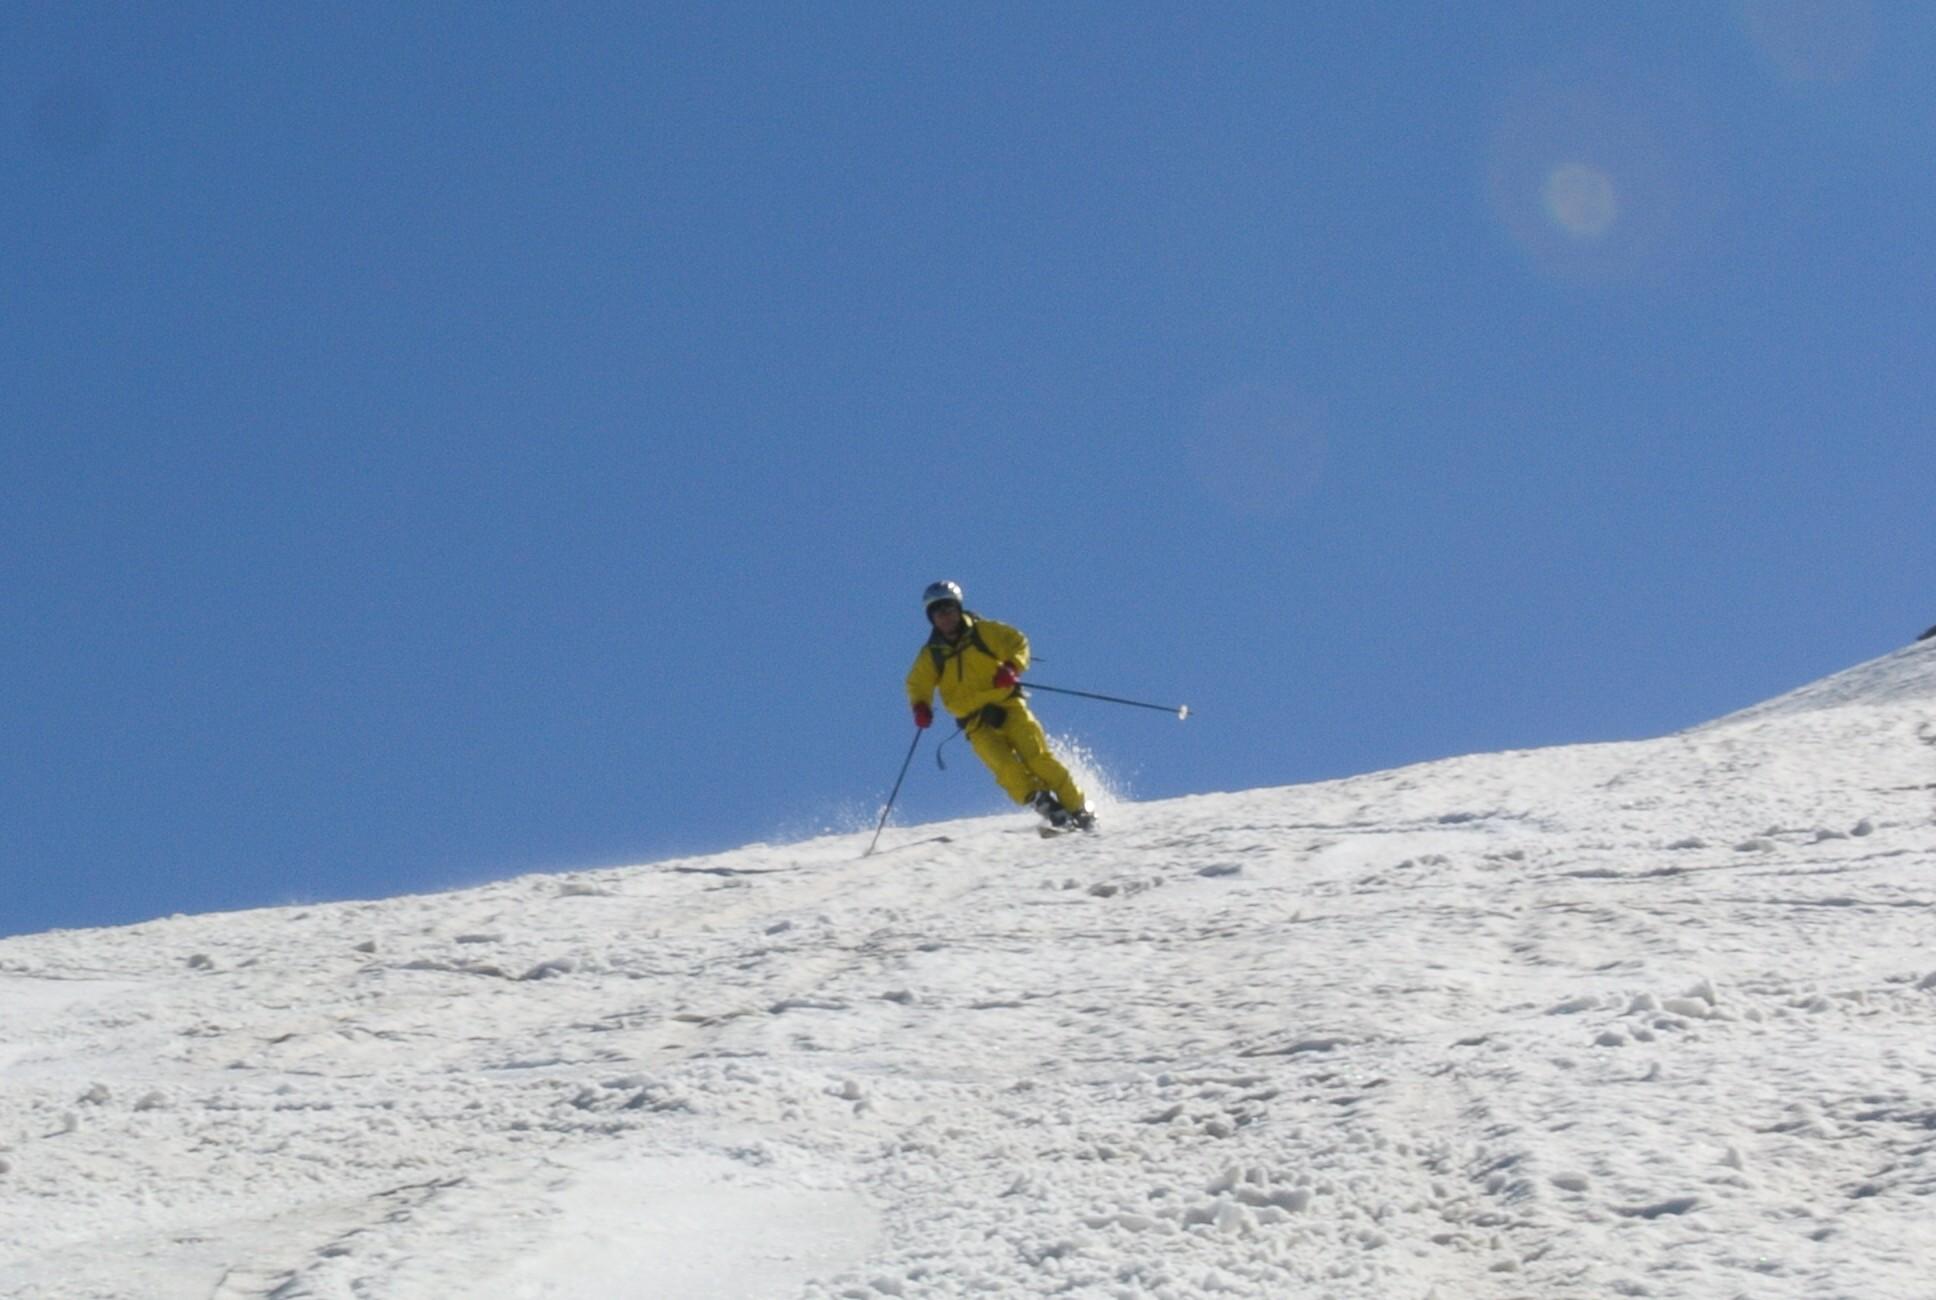 2013年5月31日残雪豊富な鳥海山祓川口コースで春スキーを楽しむ_c0242406_14283932.jpg